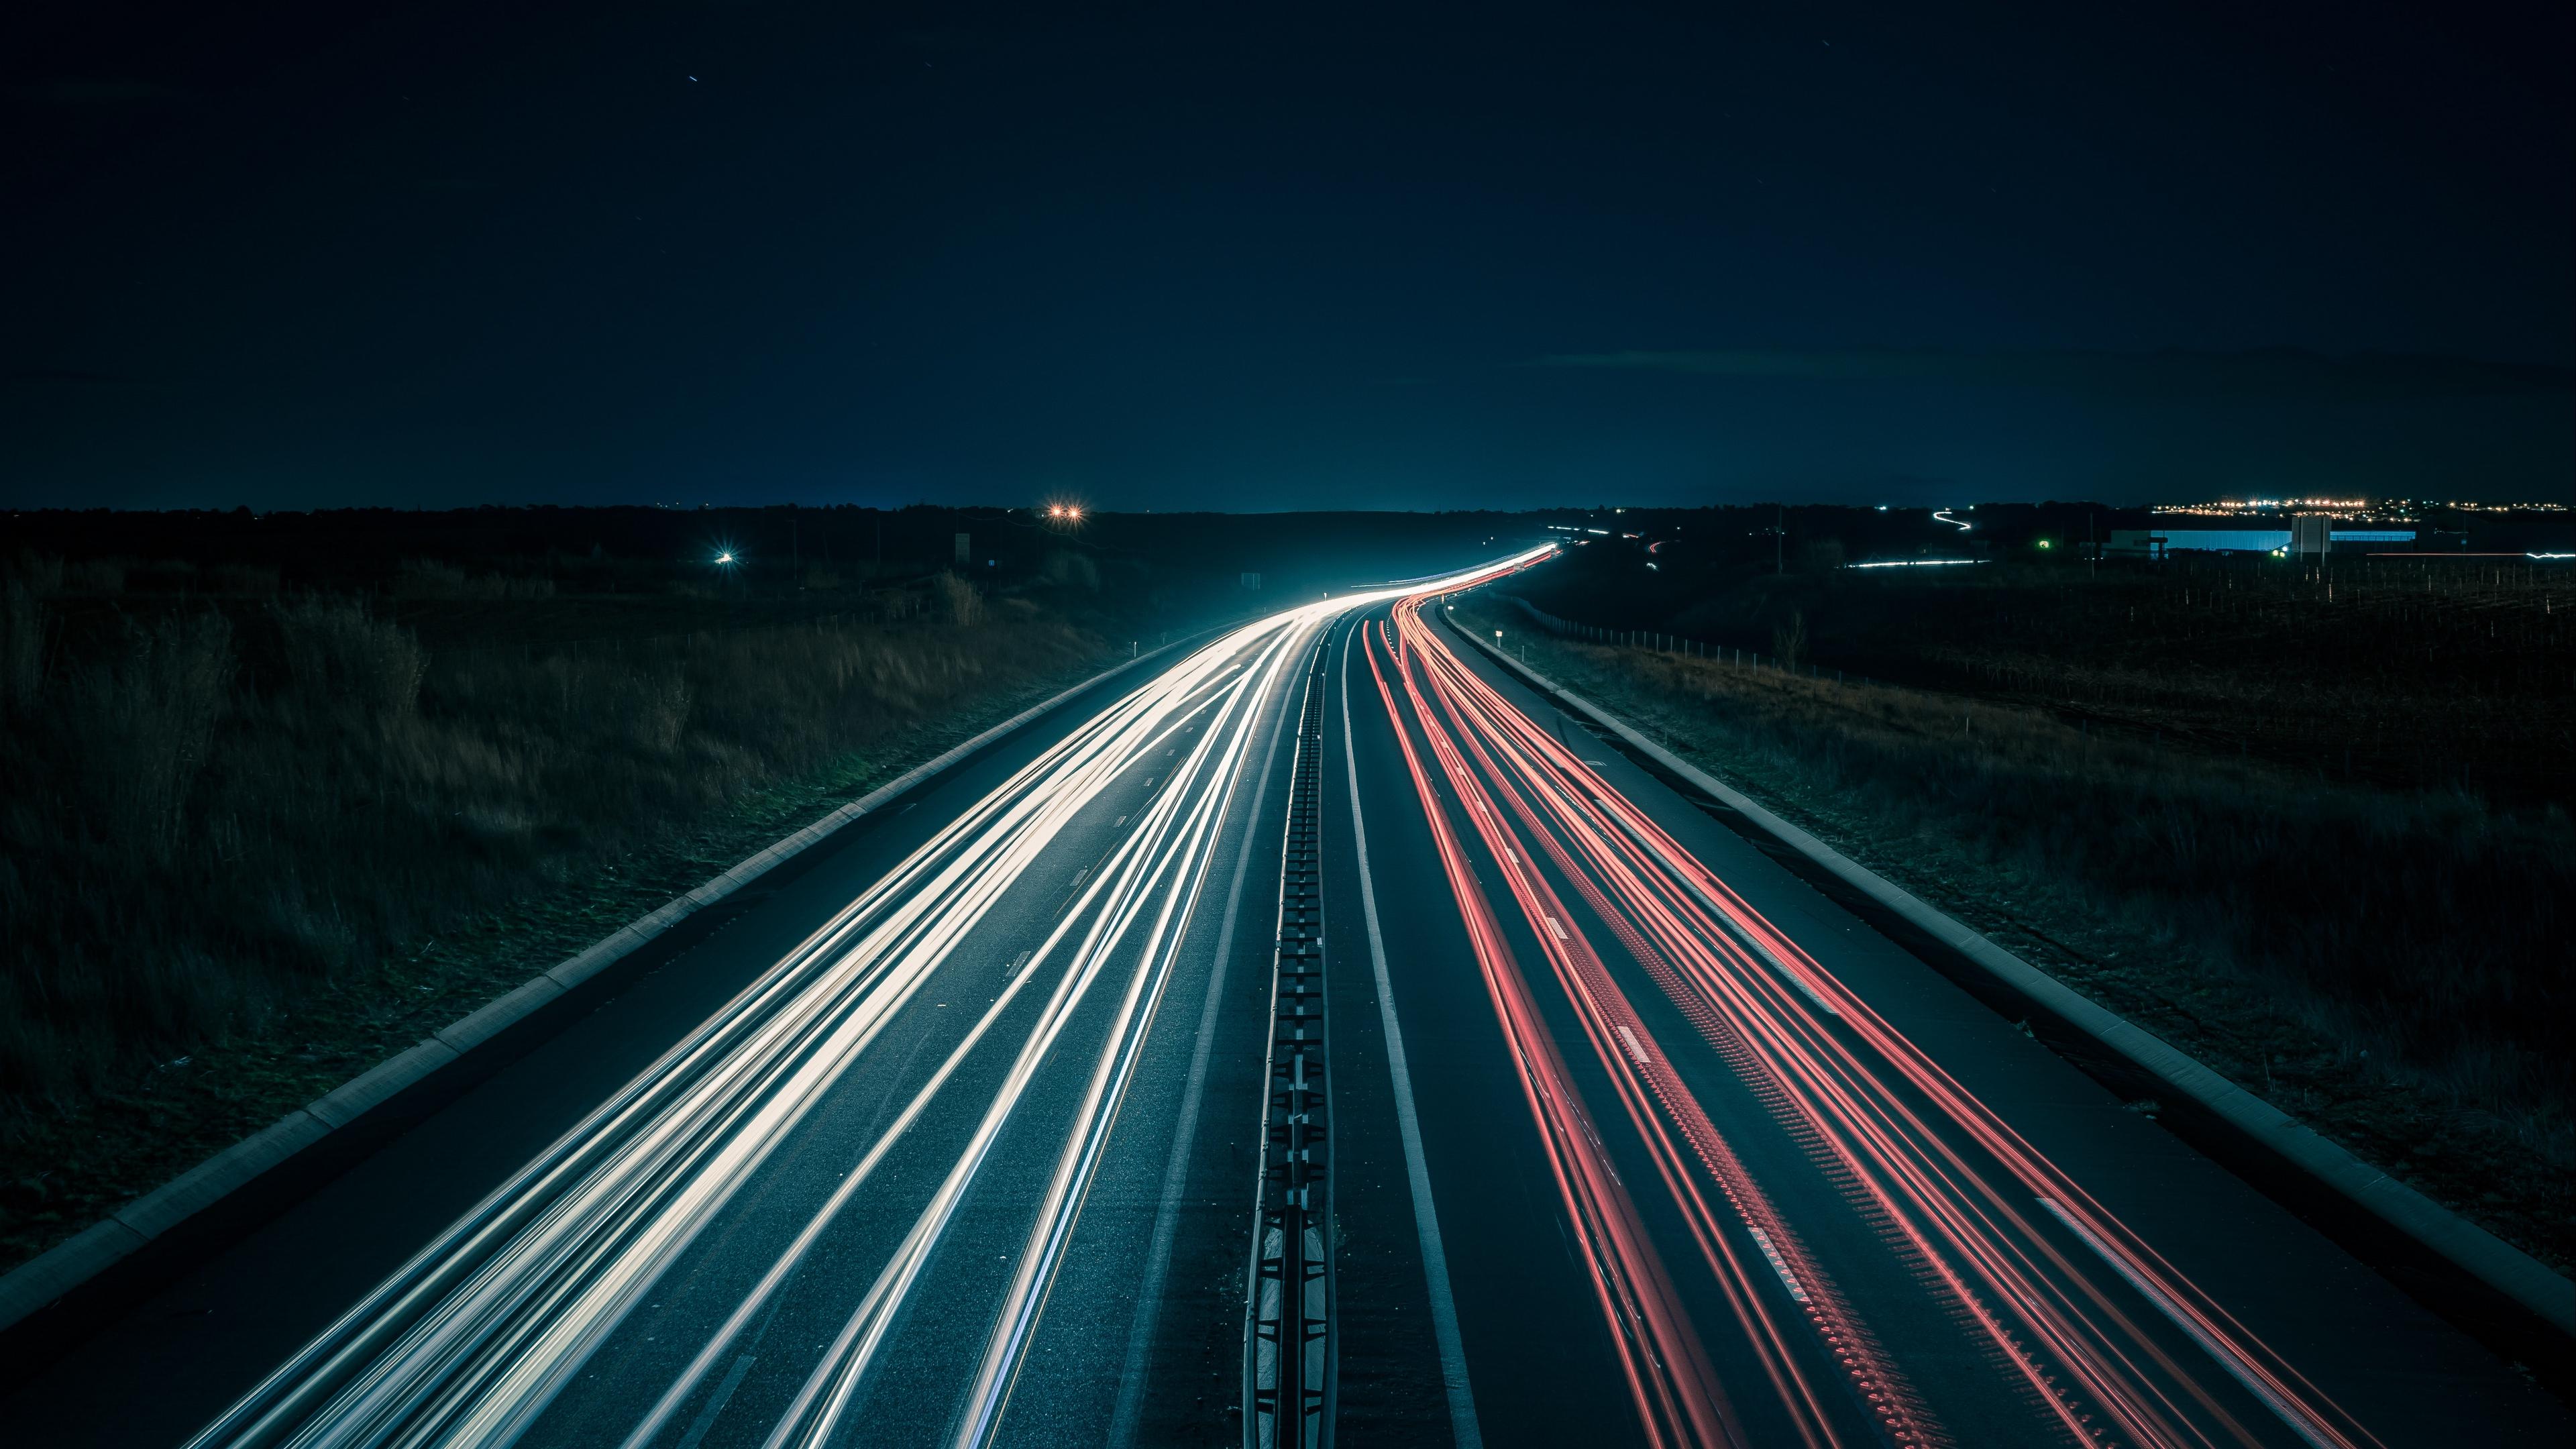 road lighting night 4k 1538068835 - road, lighting, night 4k - Road, Night, Lighting